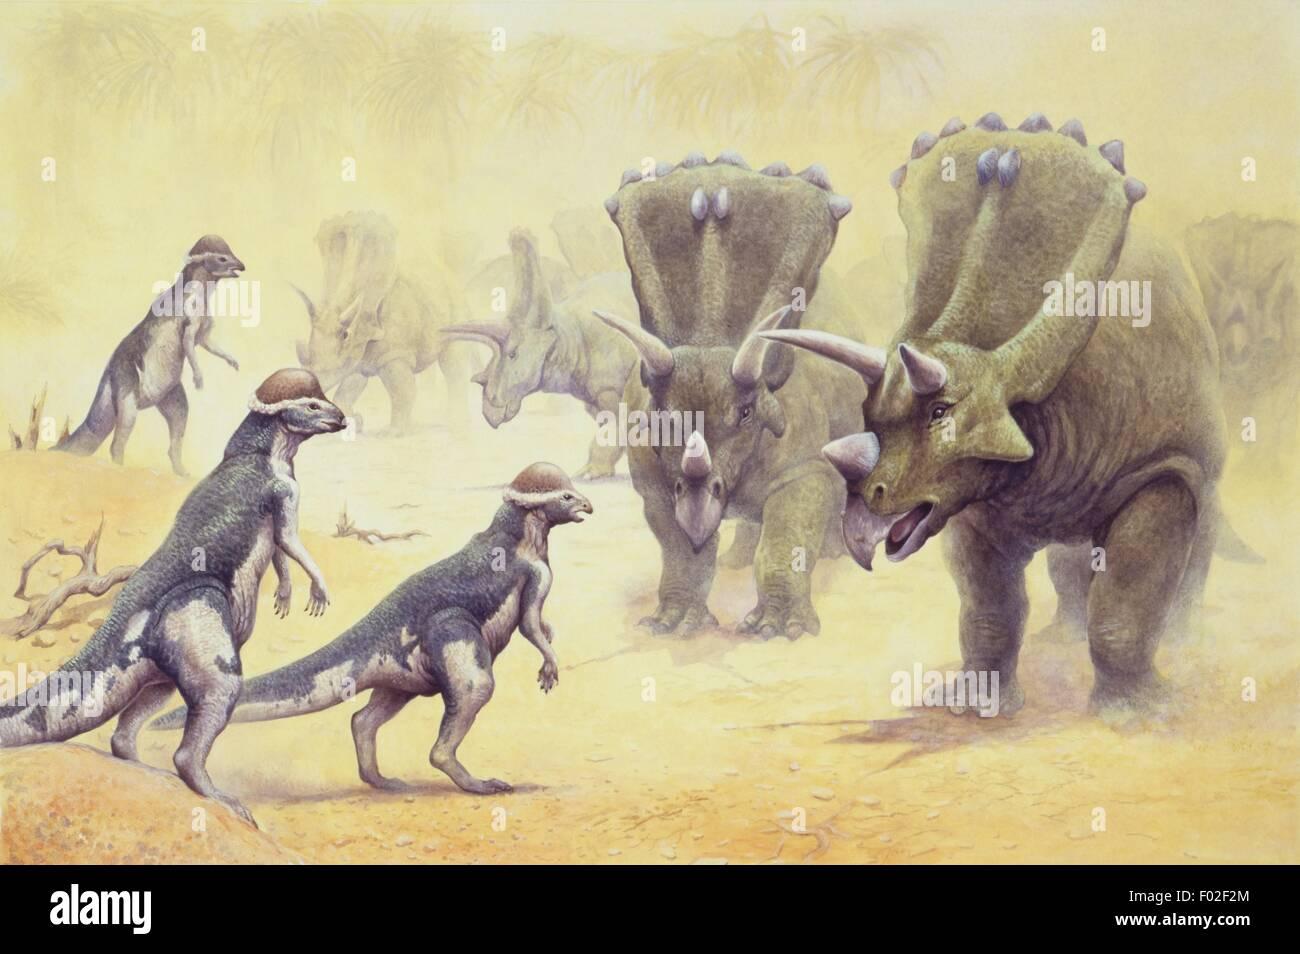 Palaeozoology - Mesozoic period - Dinosaurs - Art work - Stock Image